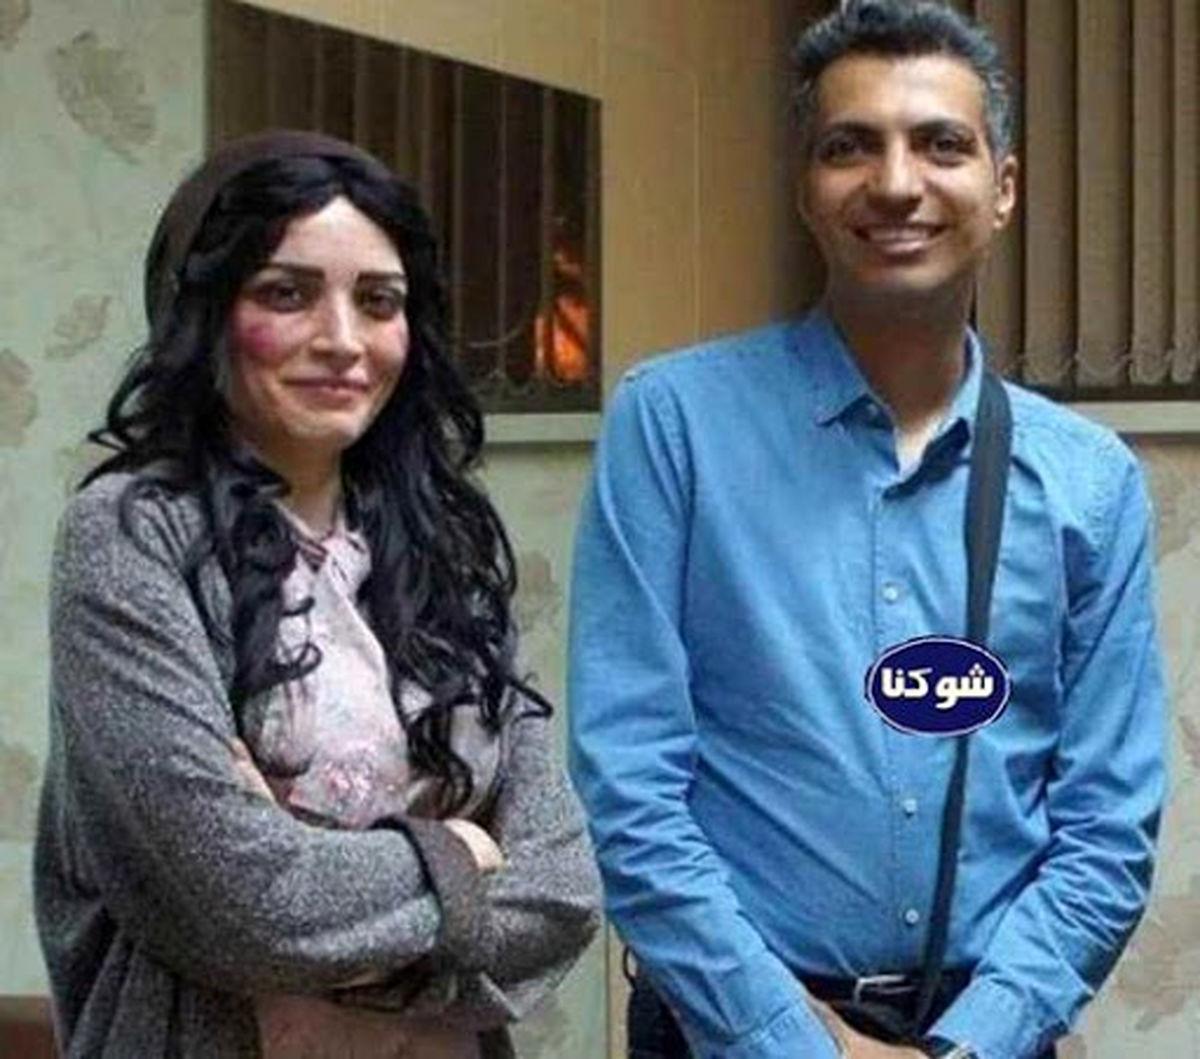 عکس لورفته از زن سابق اقای بازیگر در بغل عادل فردوسی پور + بیوگرافی